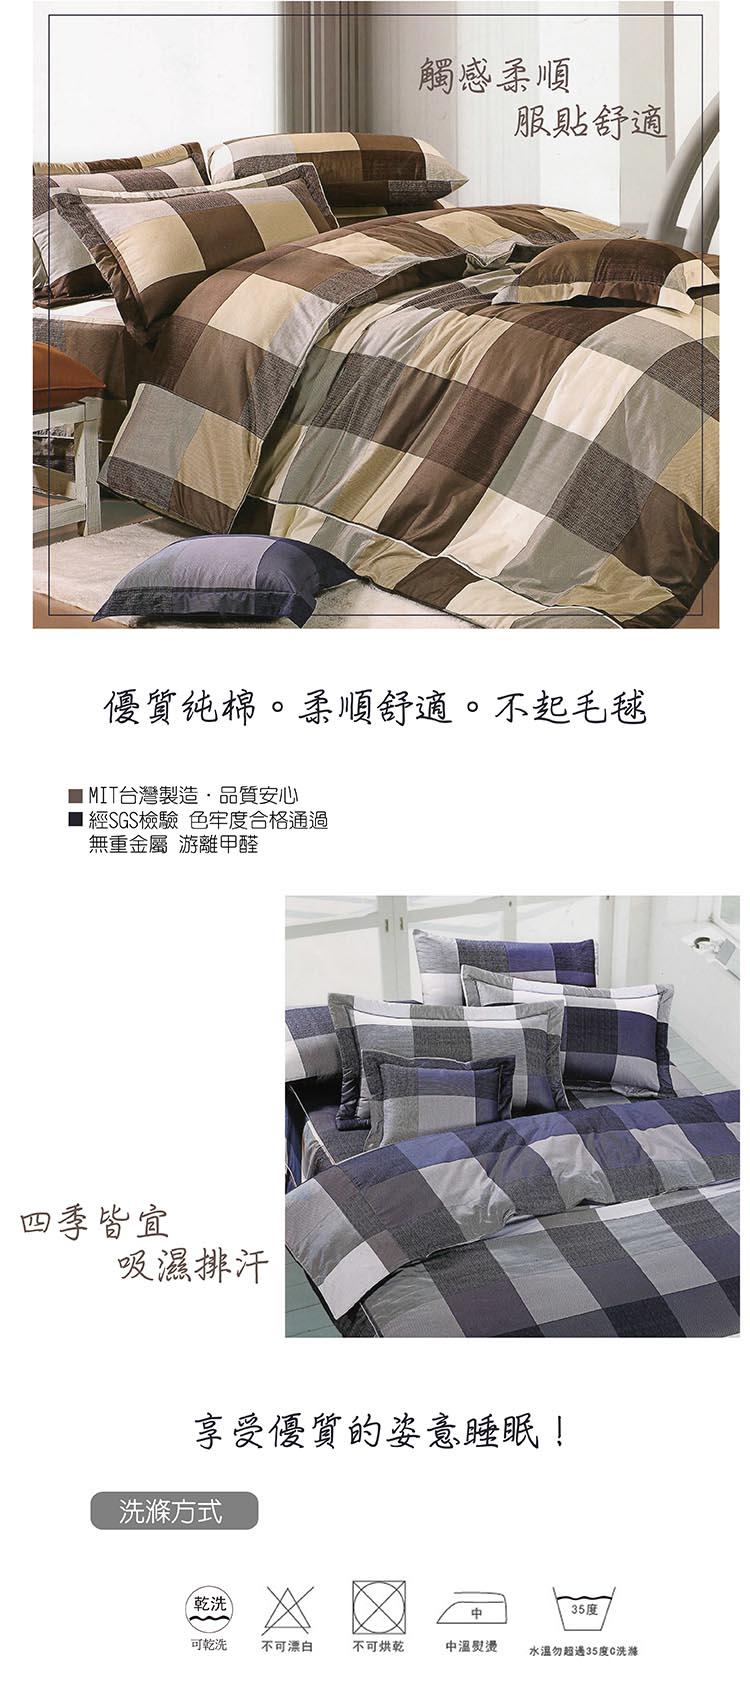 加大雙人7件式床罩組 (格子)【專櫃精品、100%純綿、台灣製】# 寢國寢城 1